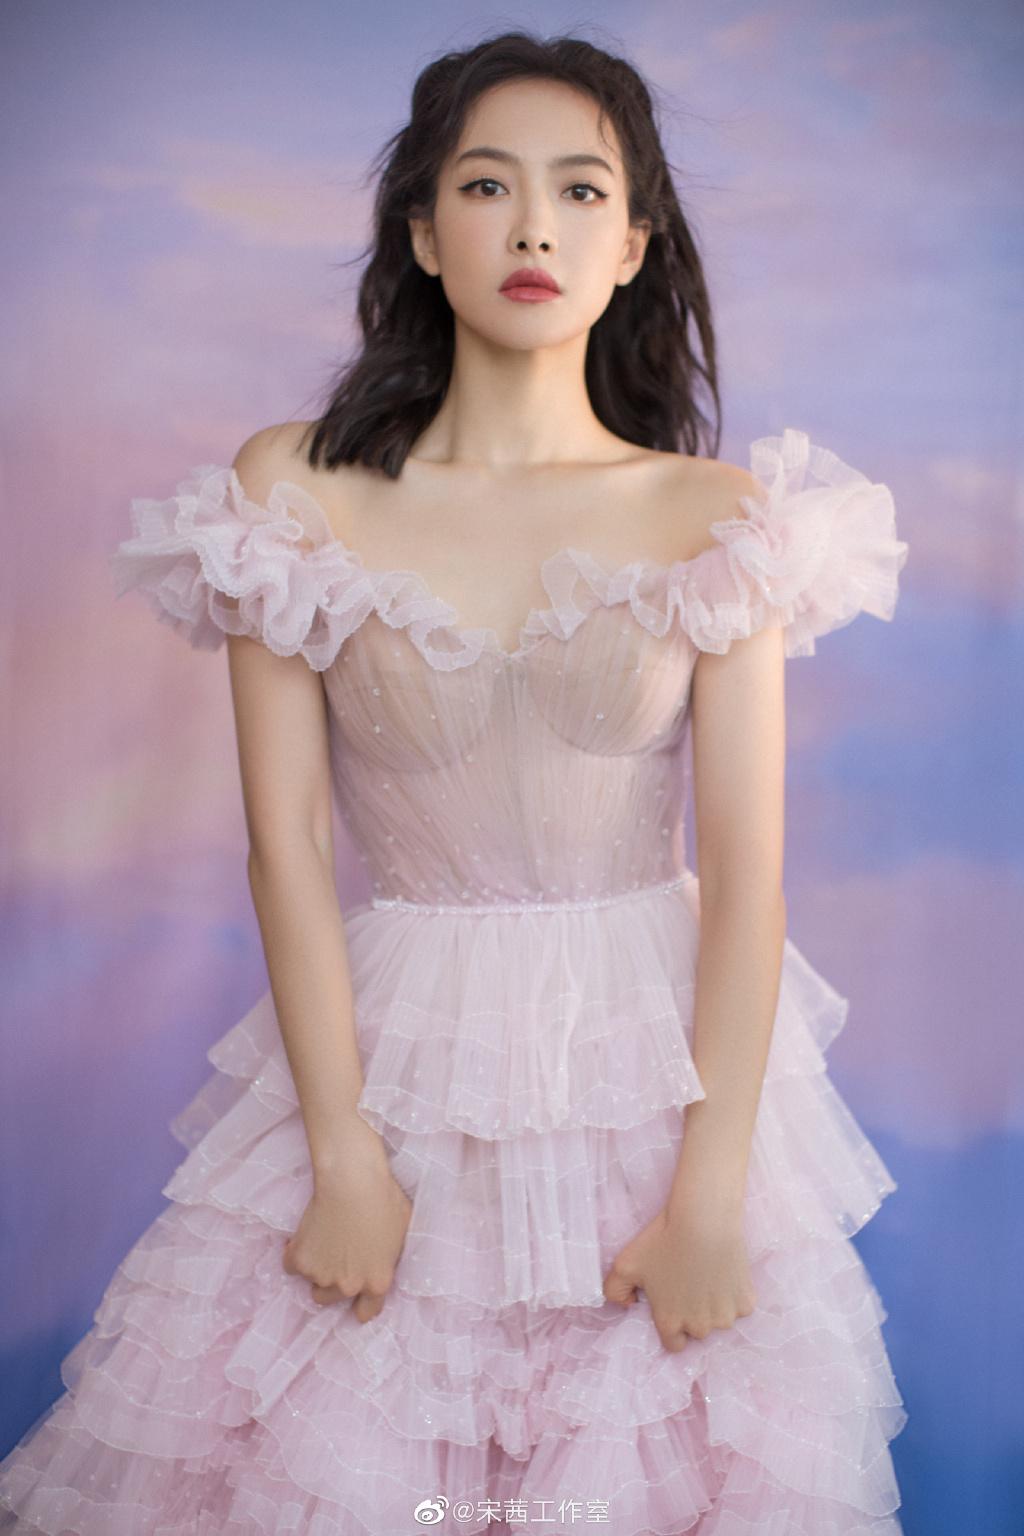 Nữ thần Kim Ưng Tống Thiến cùng chọn thương hiệu váy giống Phạm Băng Băng: Người xinh như tiên tử, người mặc lên nhìn như hàng chợ 9